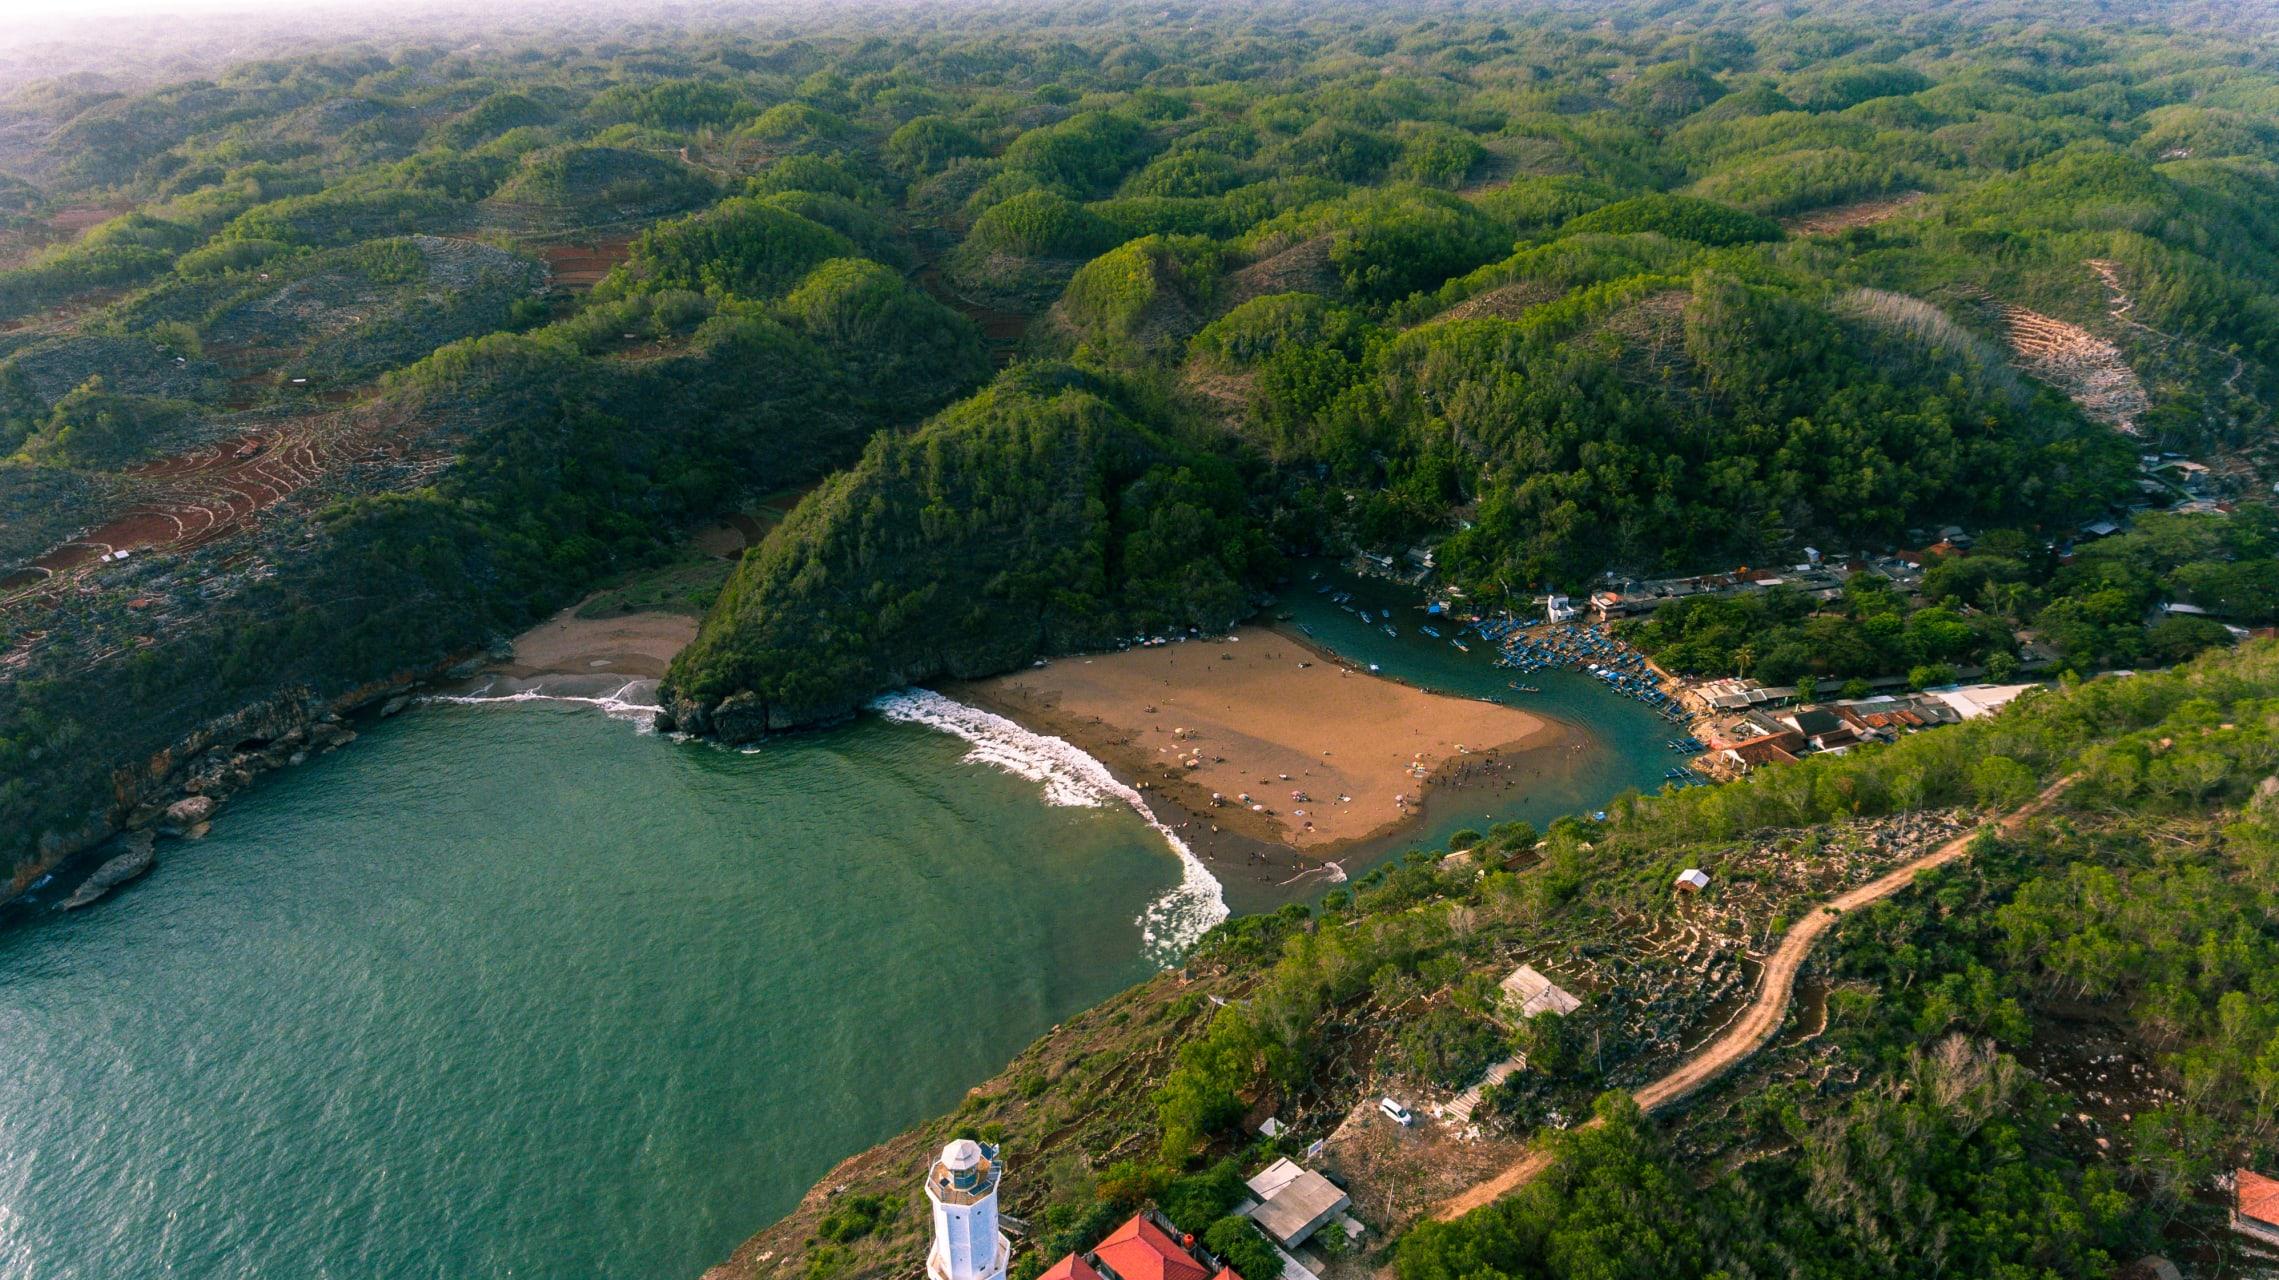 Yogyakarta - Baron Beach: Traditional Fishermen Landing Point in Yogyakarta